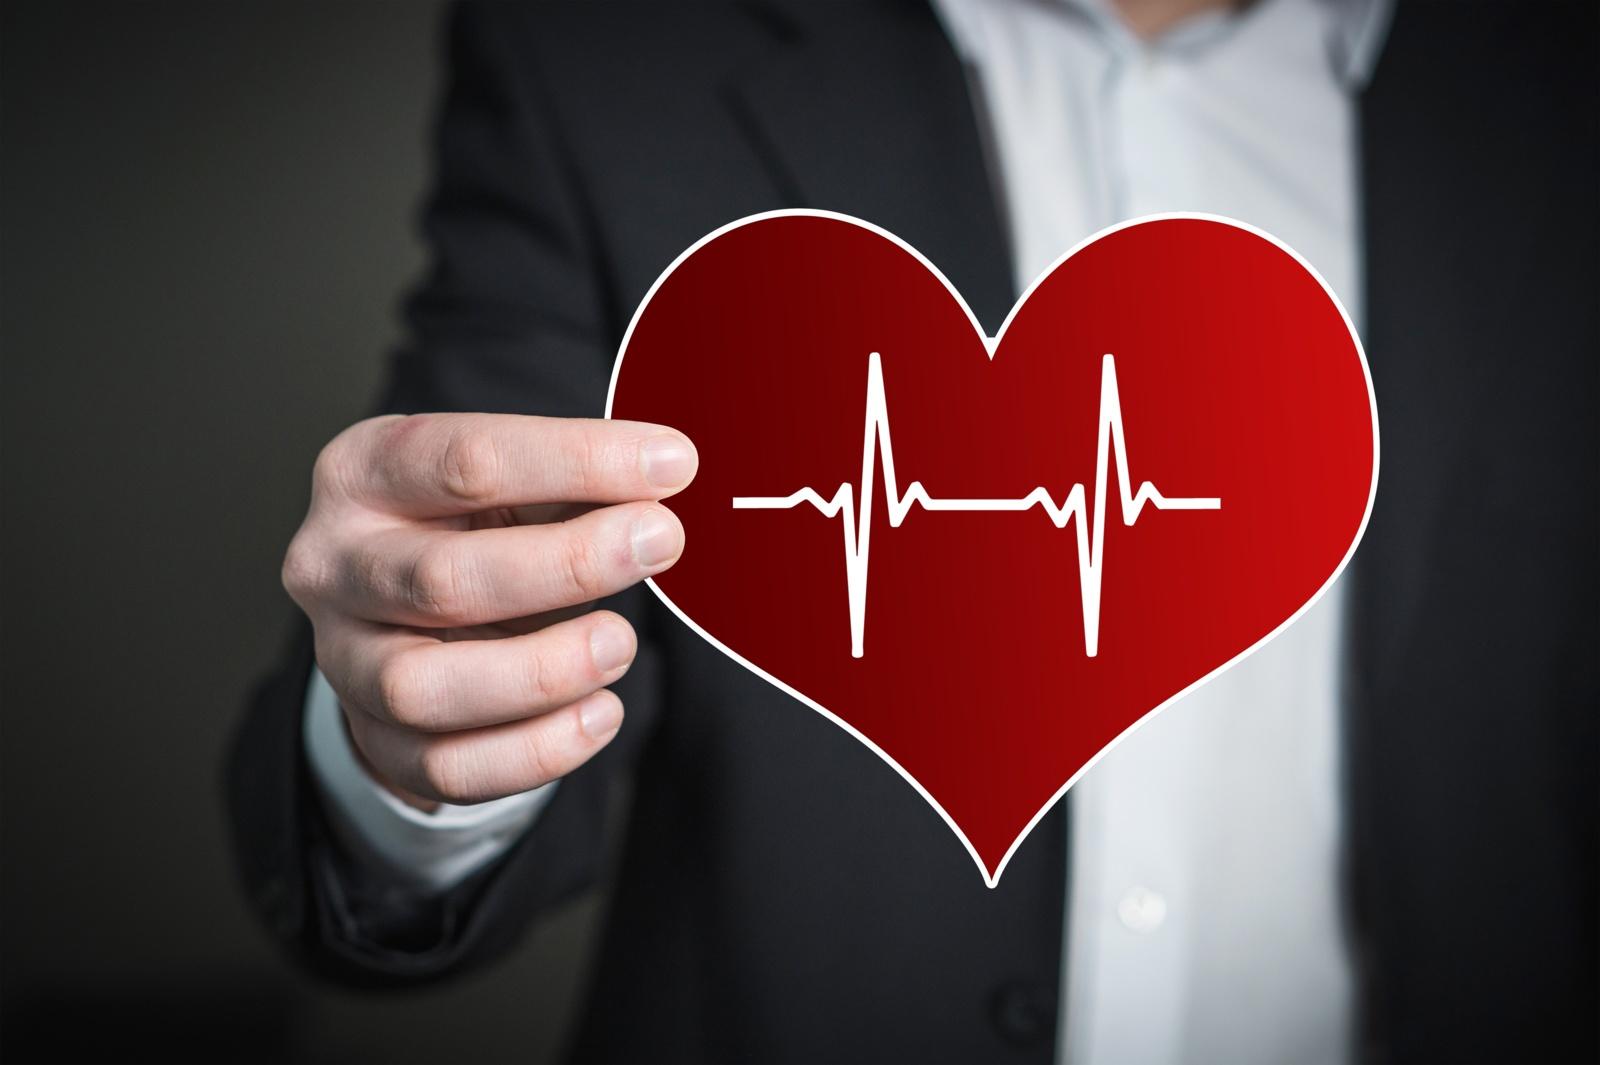 kokie krūviai gali būti sergant hipertenzija ar galima bėgioti su hipertenzija.